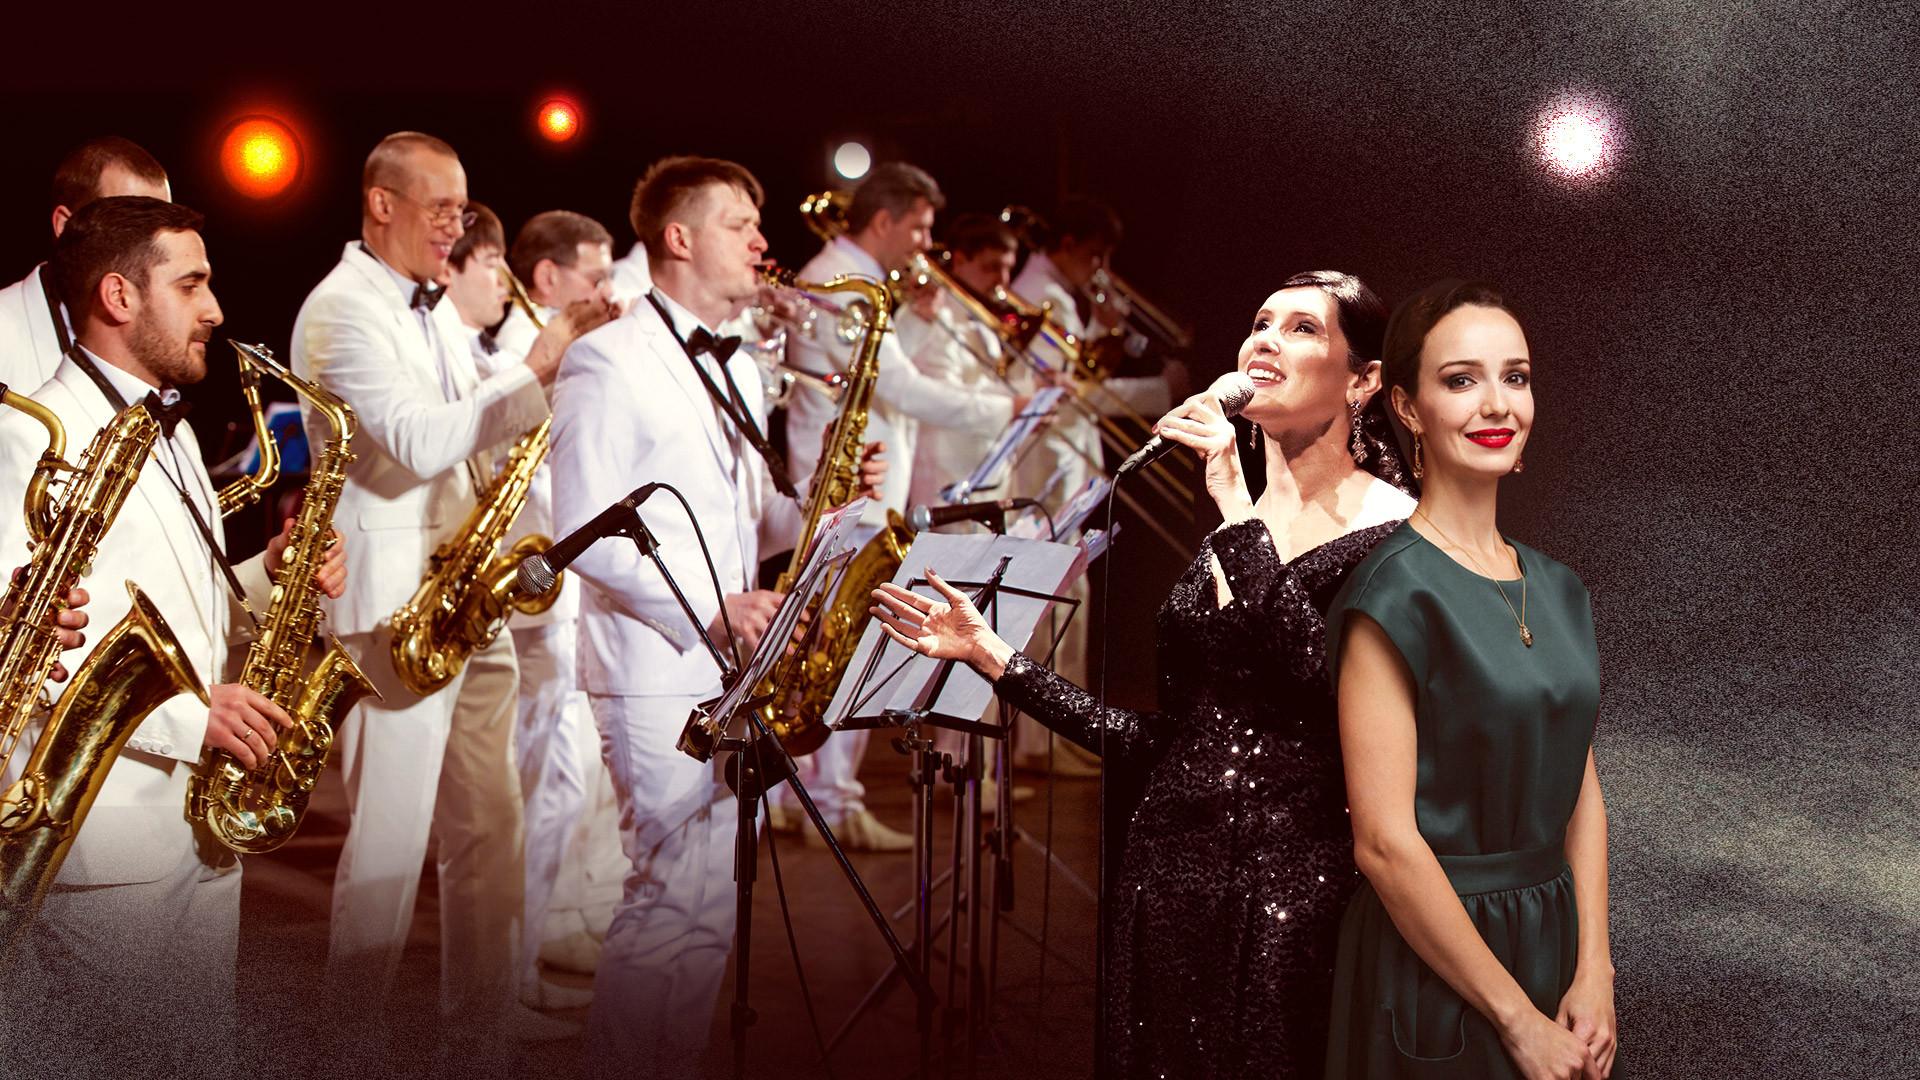 Джаз-оркестр Георгия Гараняна, Валерия Ланская, Кристель Лури (Франция). «Проверено временем»